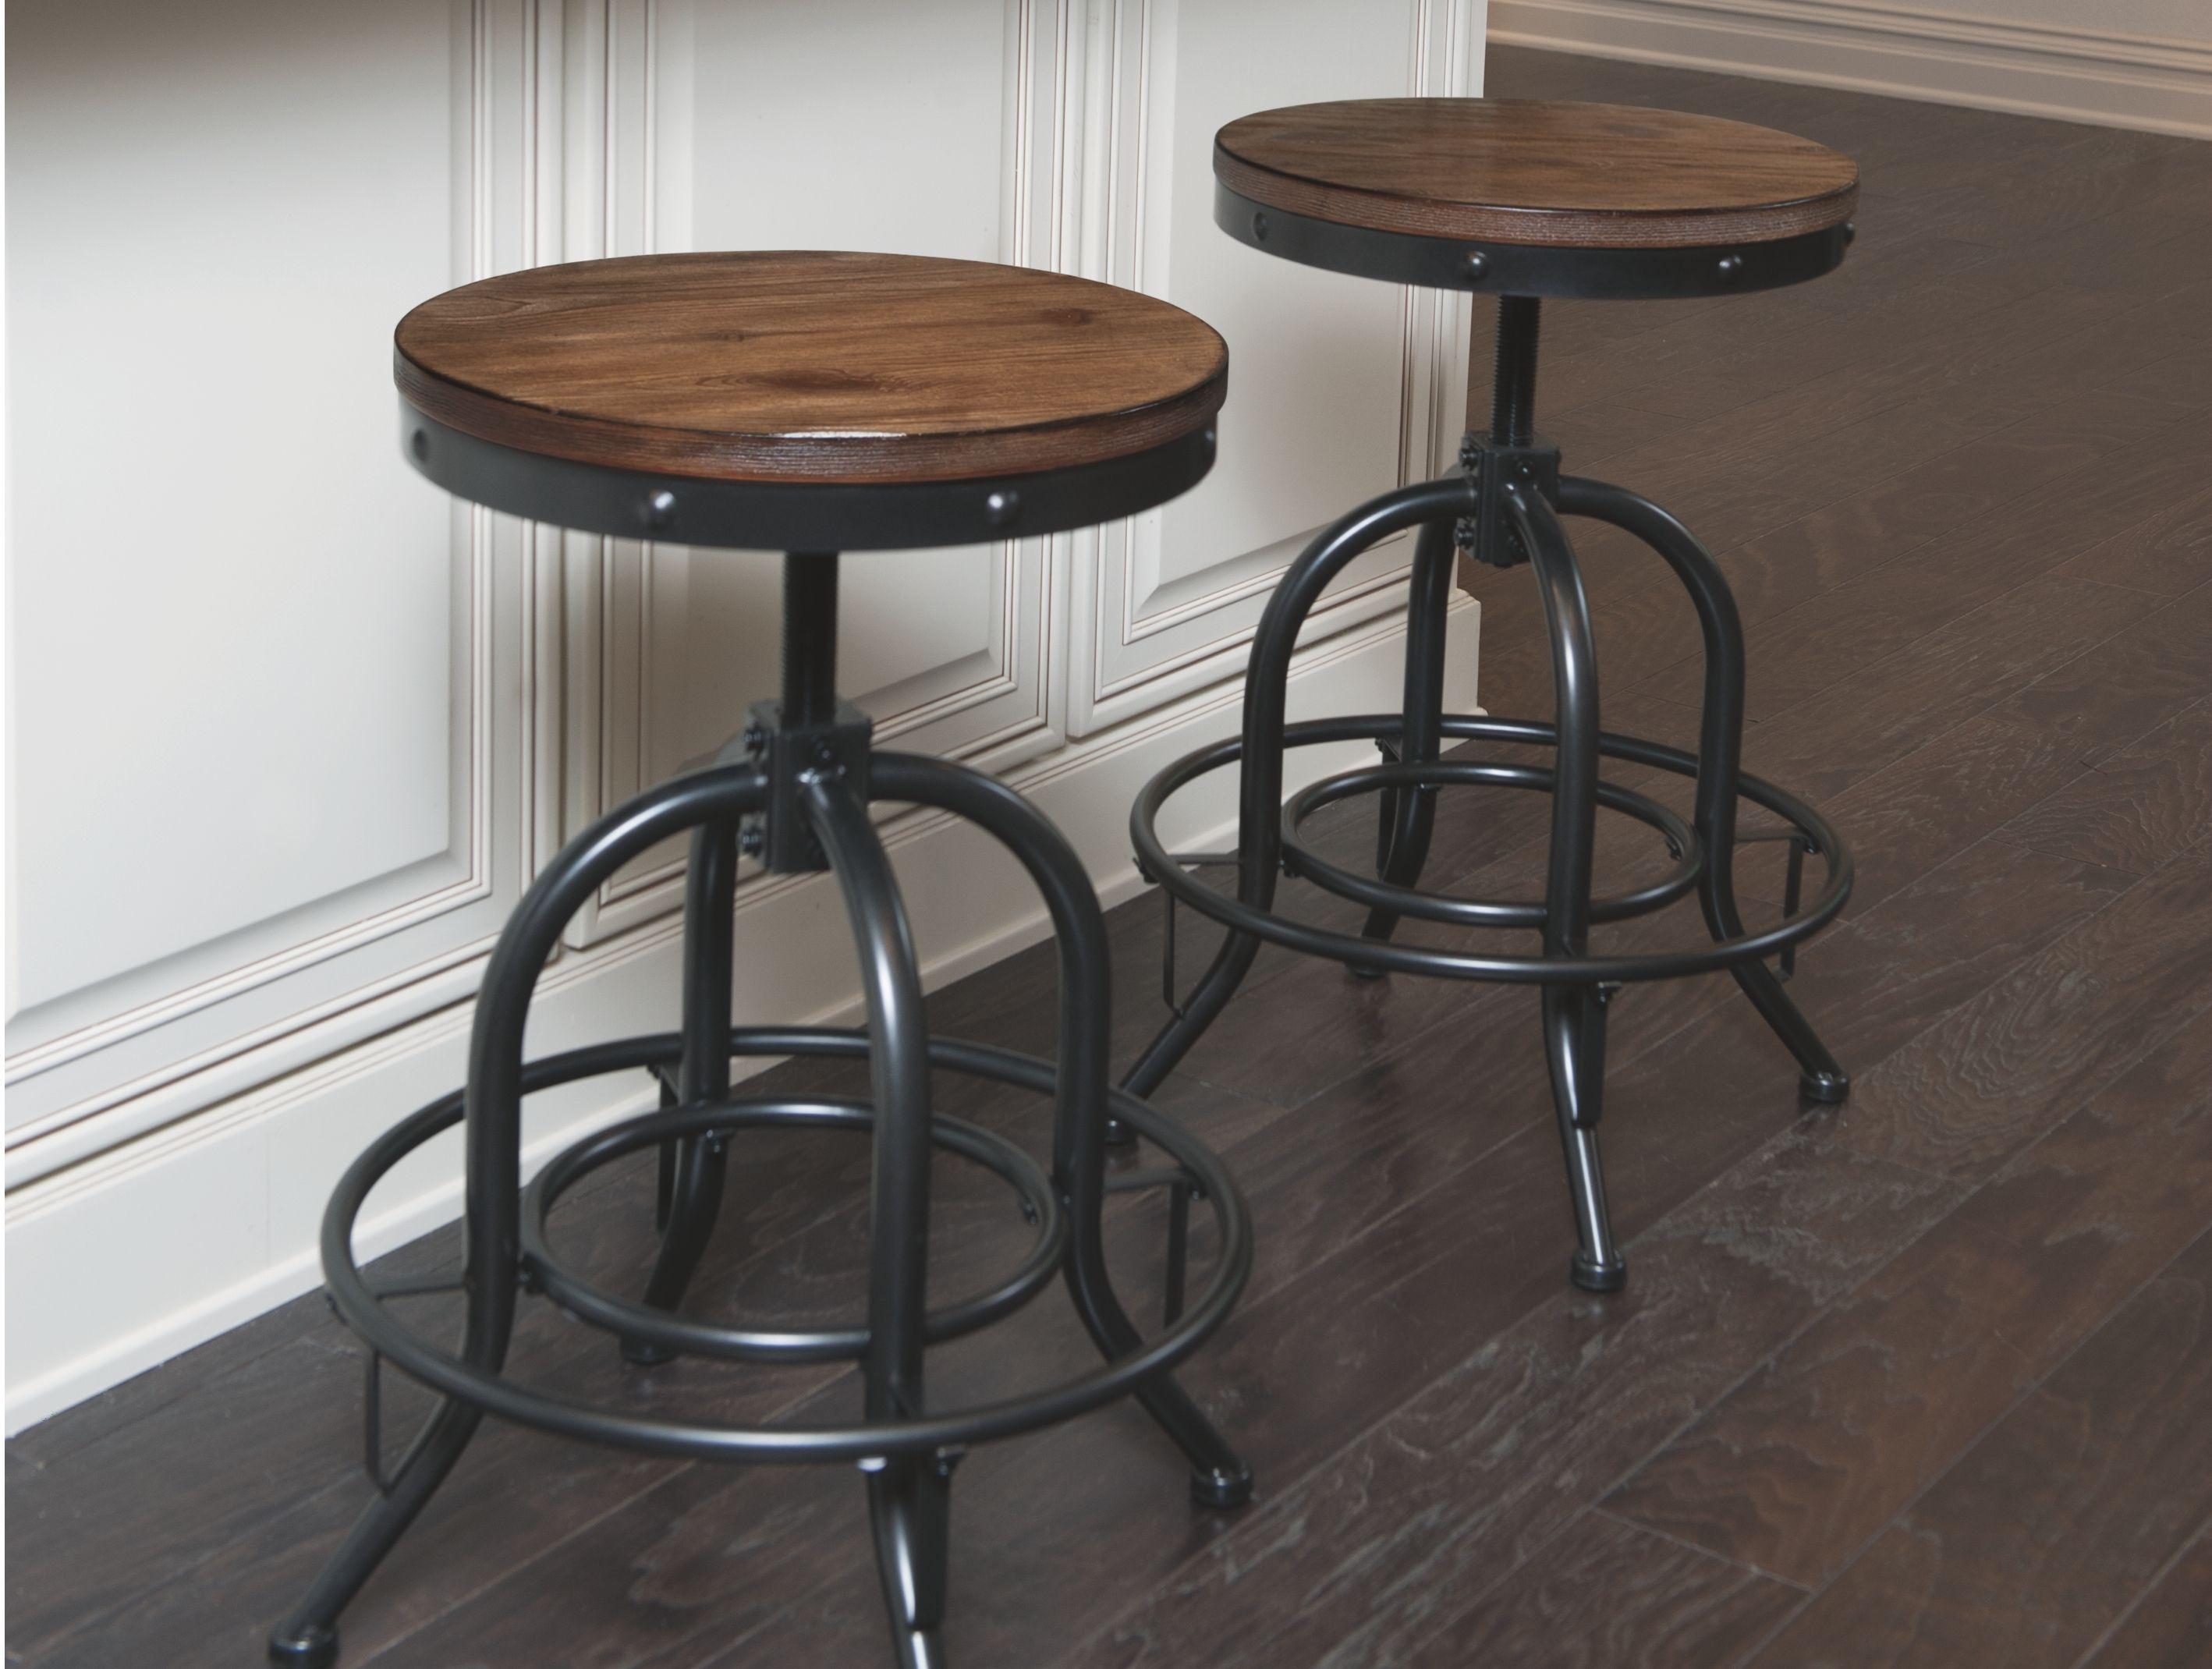 Pinnadel Counter Height Bar Stool Set Of 2 Light Brown